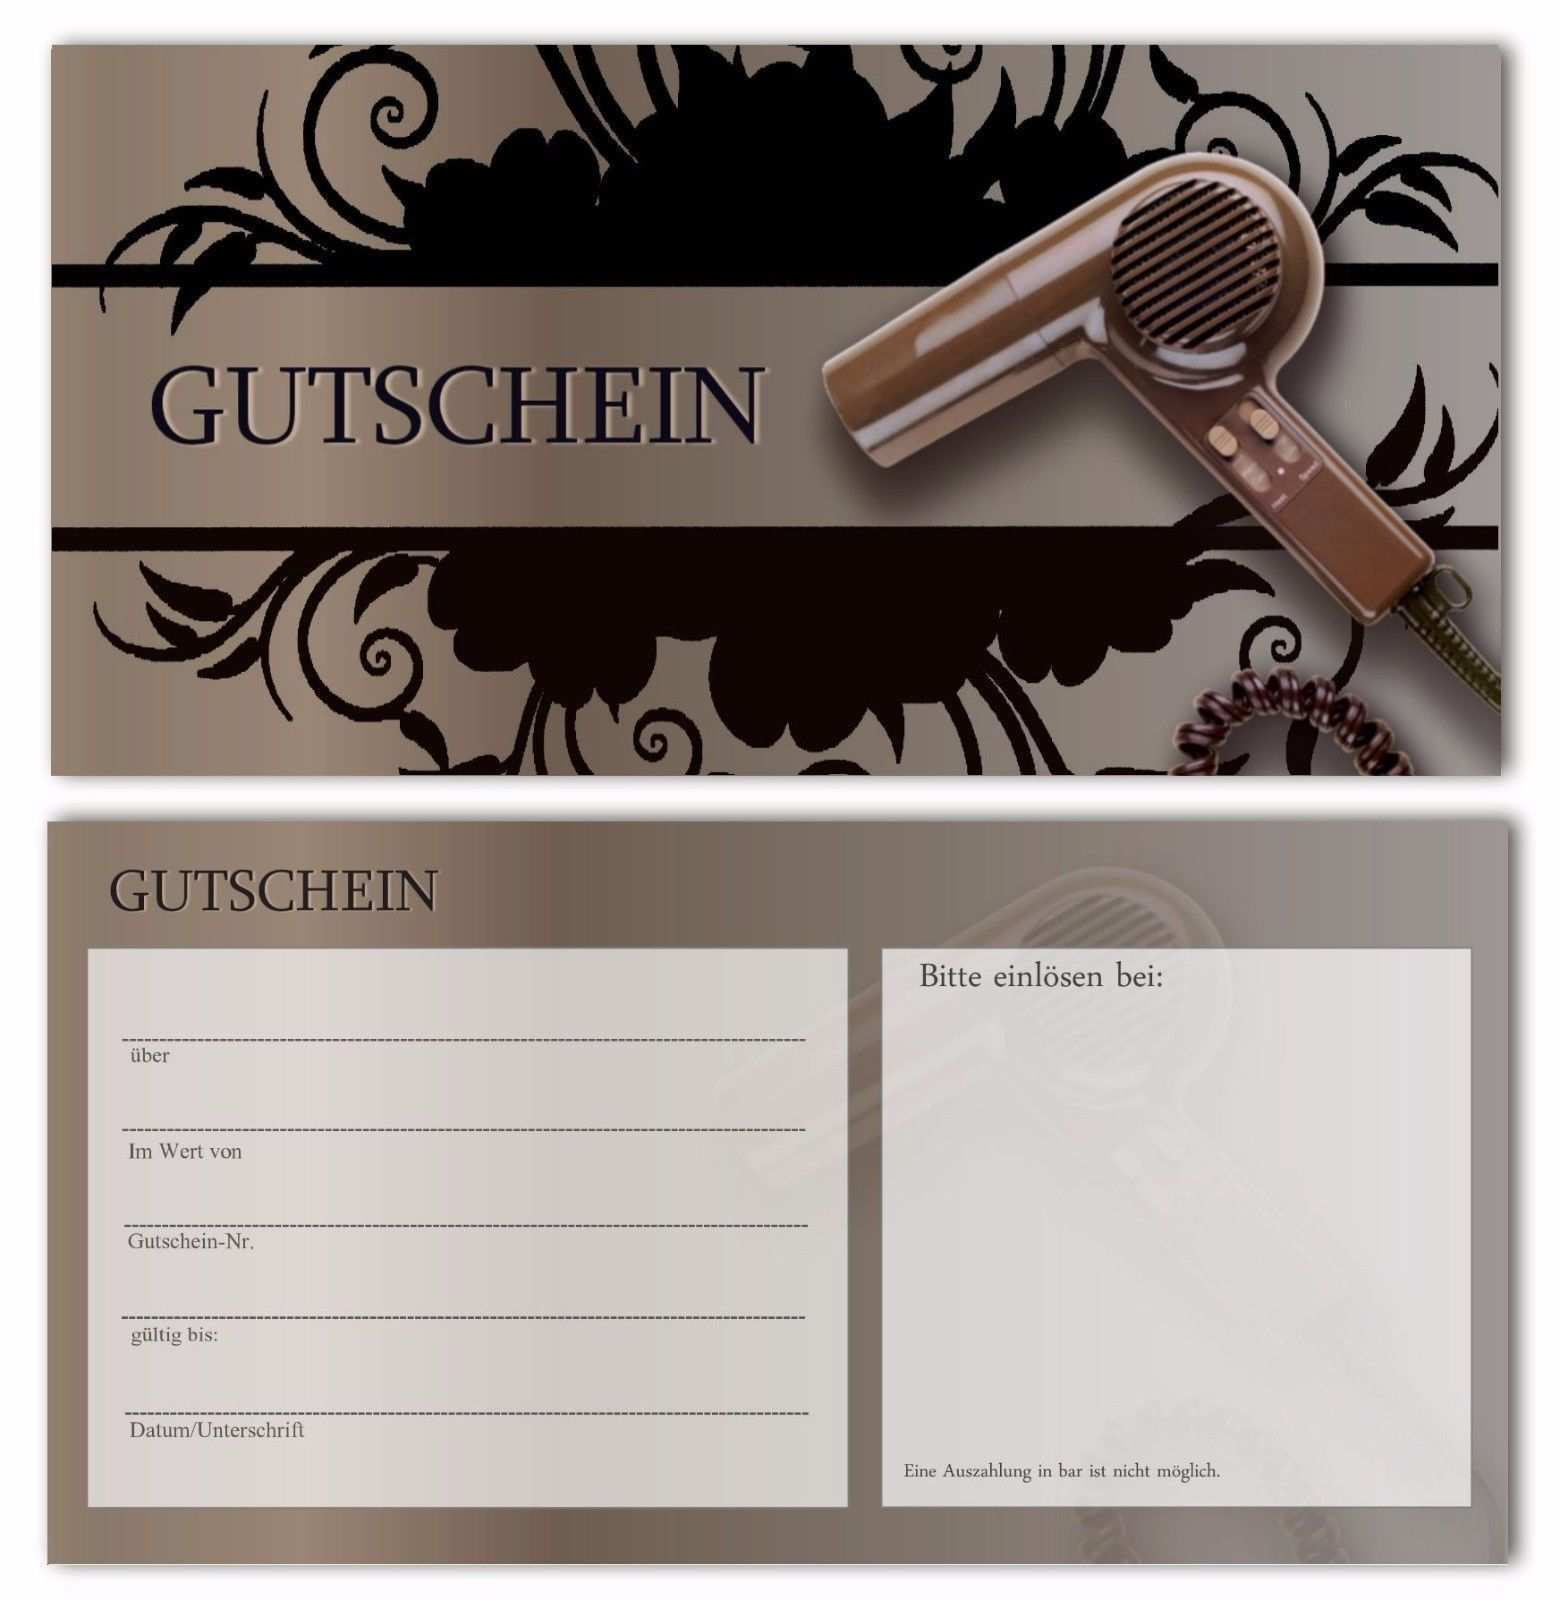 Viel Auswahl Geschenkgutscheine Gutscheinkarten Friseur Barbershop Hair Ebay In 2020 Gutscheinkarten Geschenkgutscheine Gutscheine